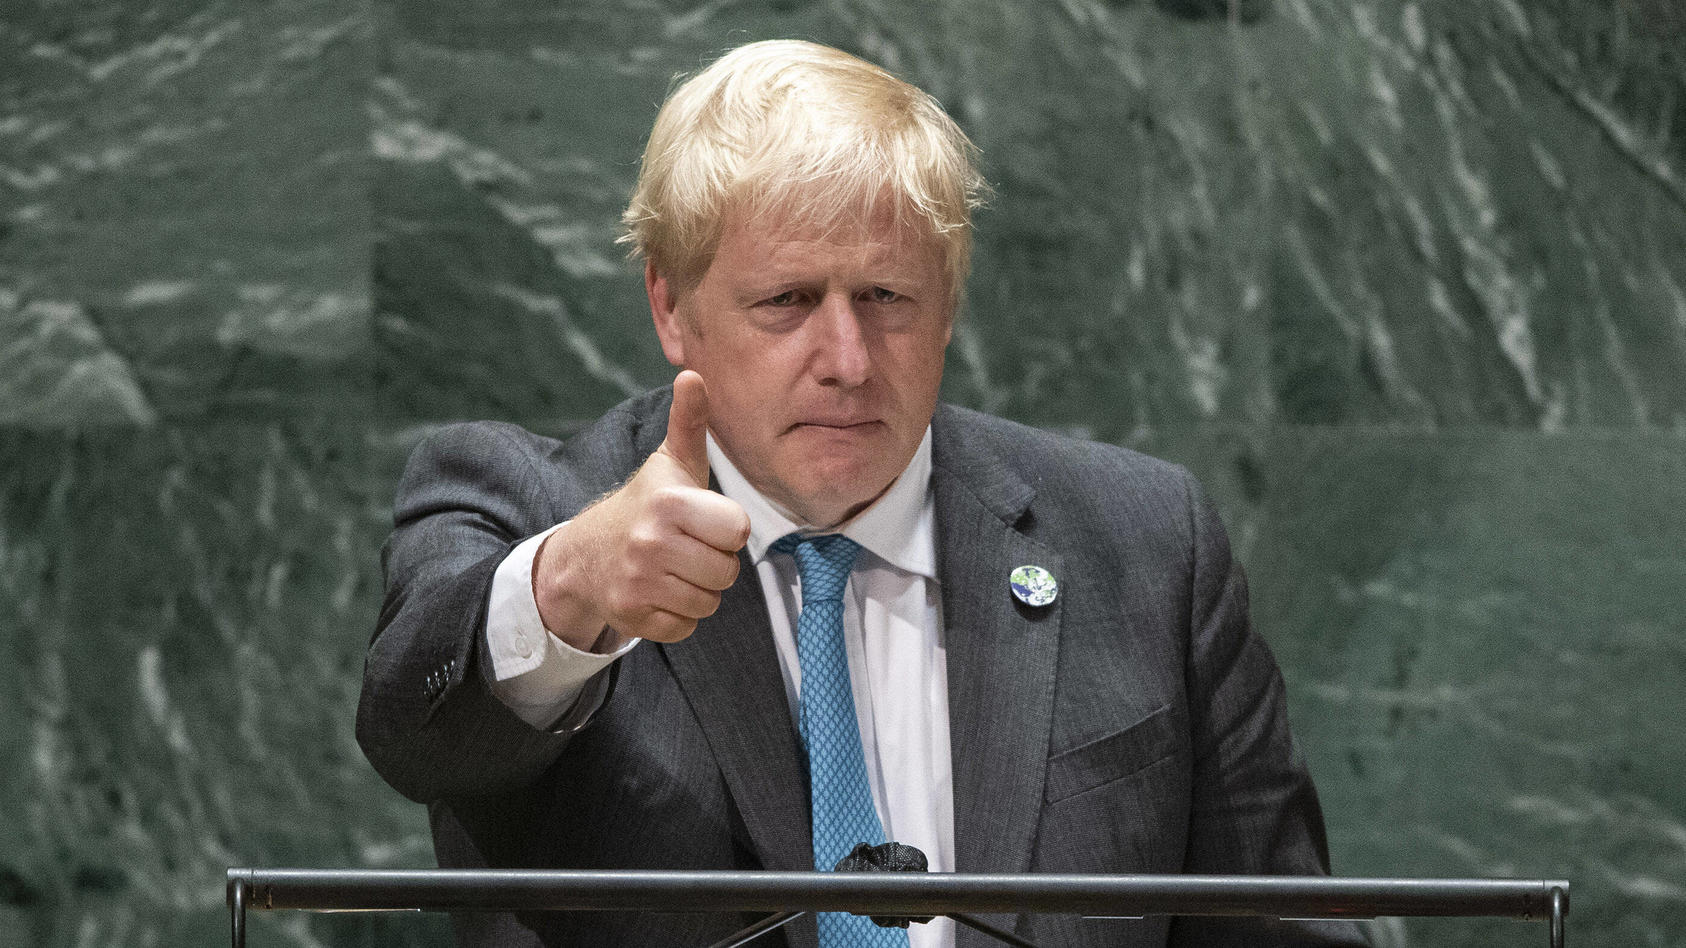 """Über Muppets, Brownies und den Klimawandel - auf der UN-Vollversammlung gab es ein paar amüsante Zitate von """"Boreas"""" Johnson."""